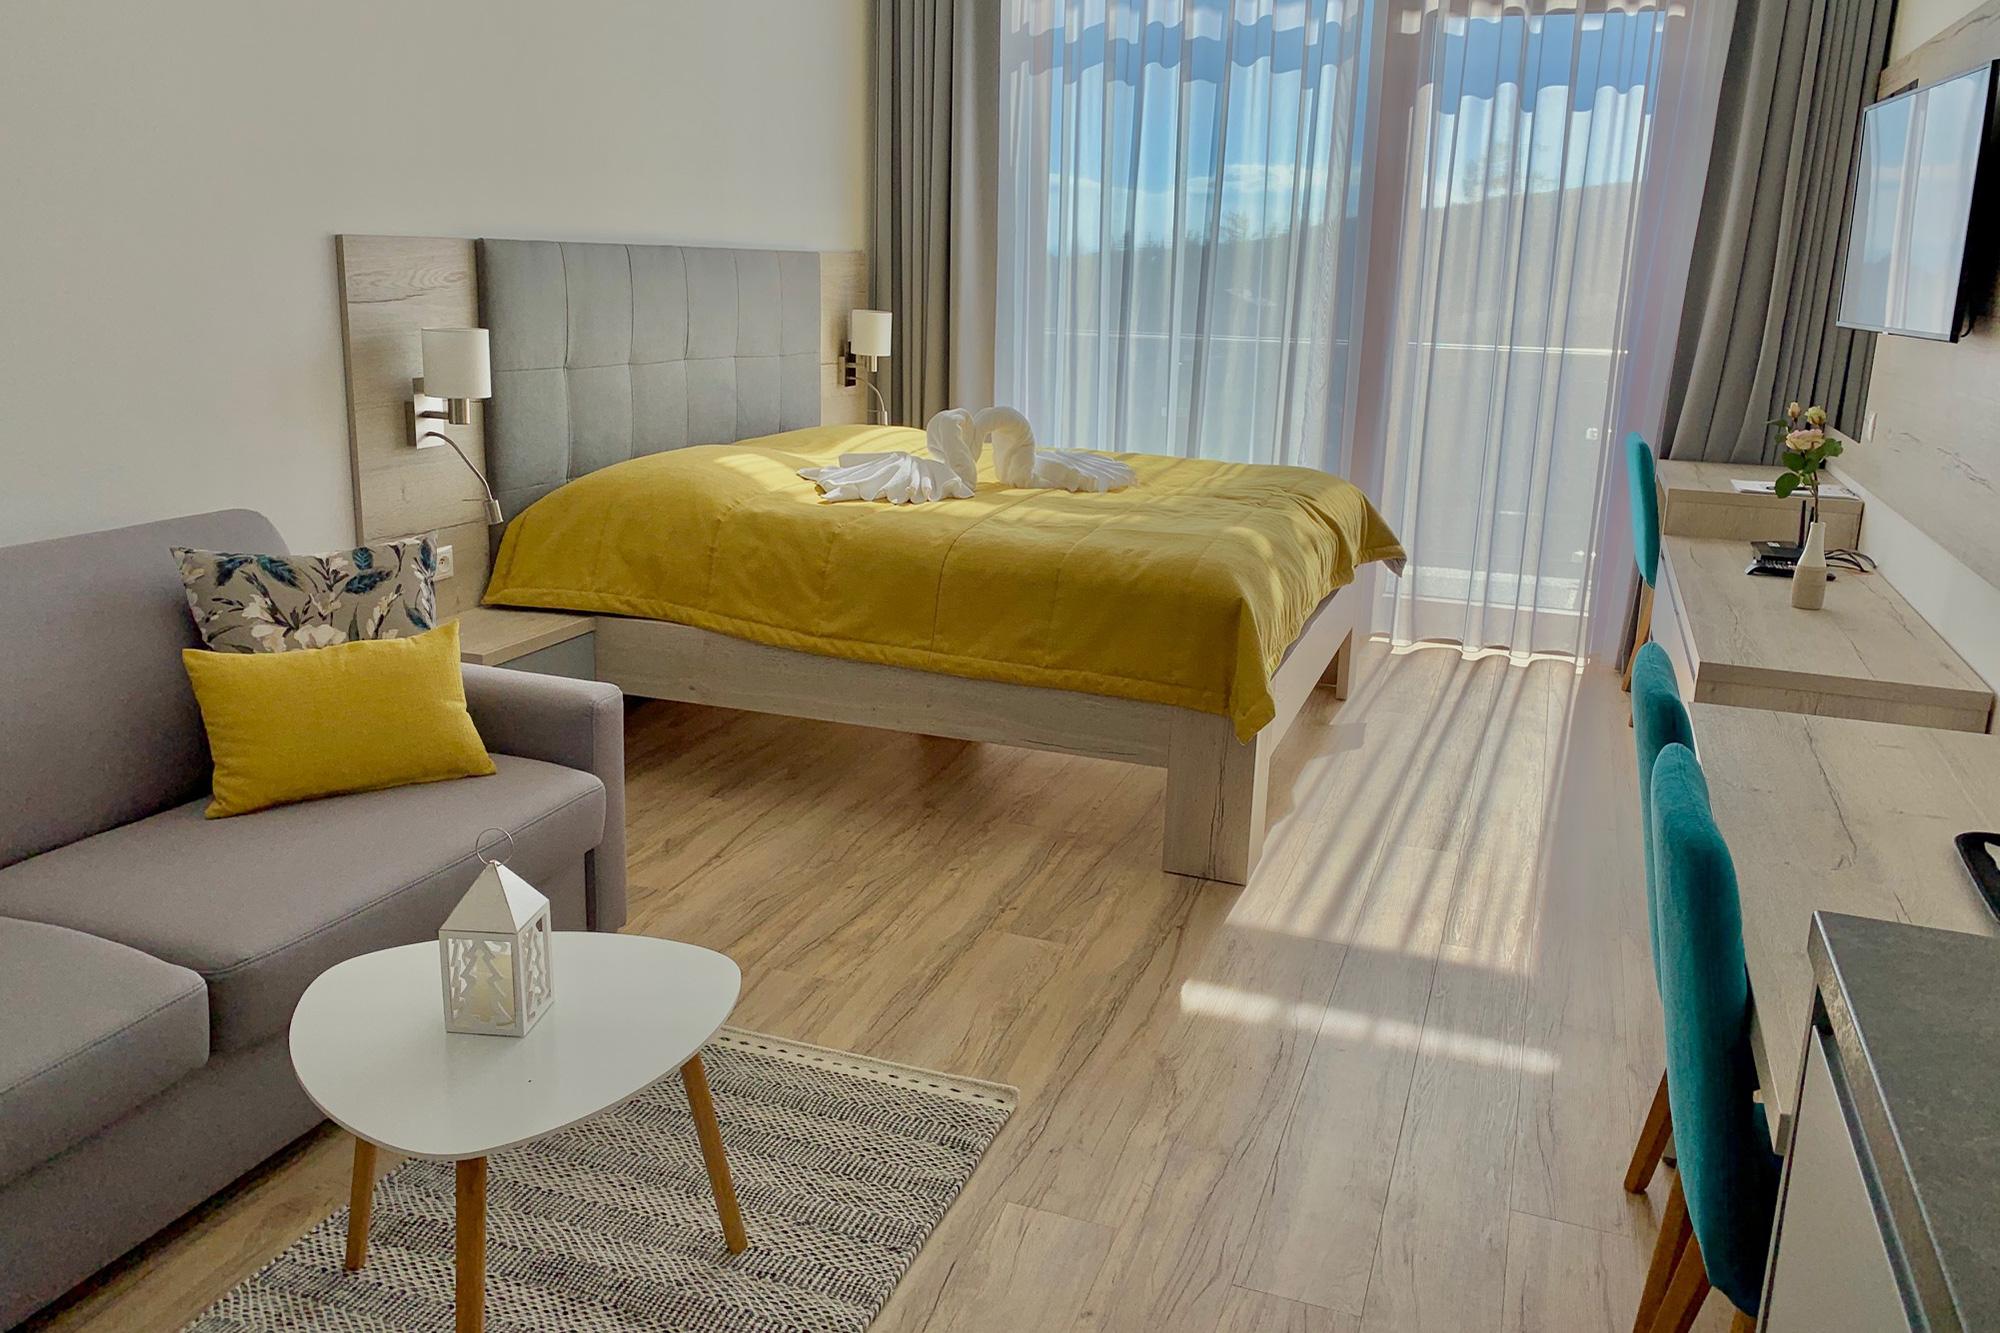 C412 Apartmány tatry apartmán foto